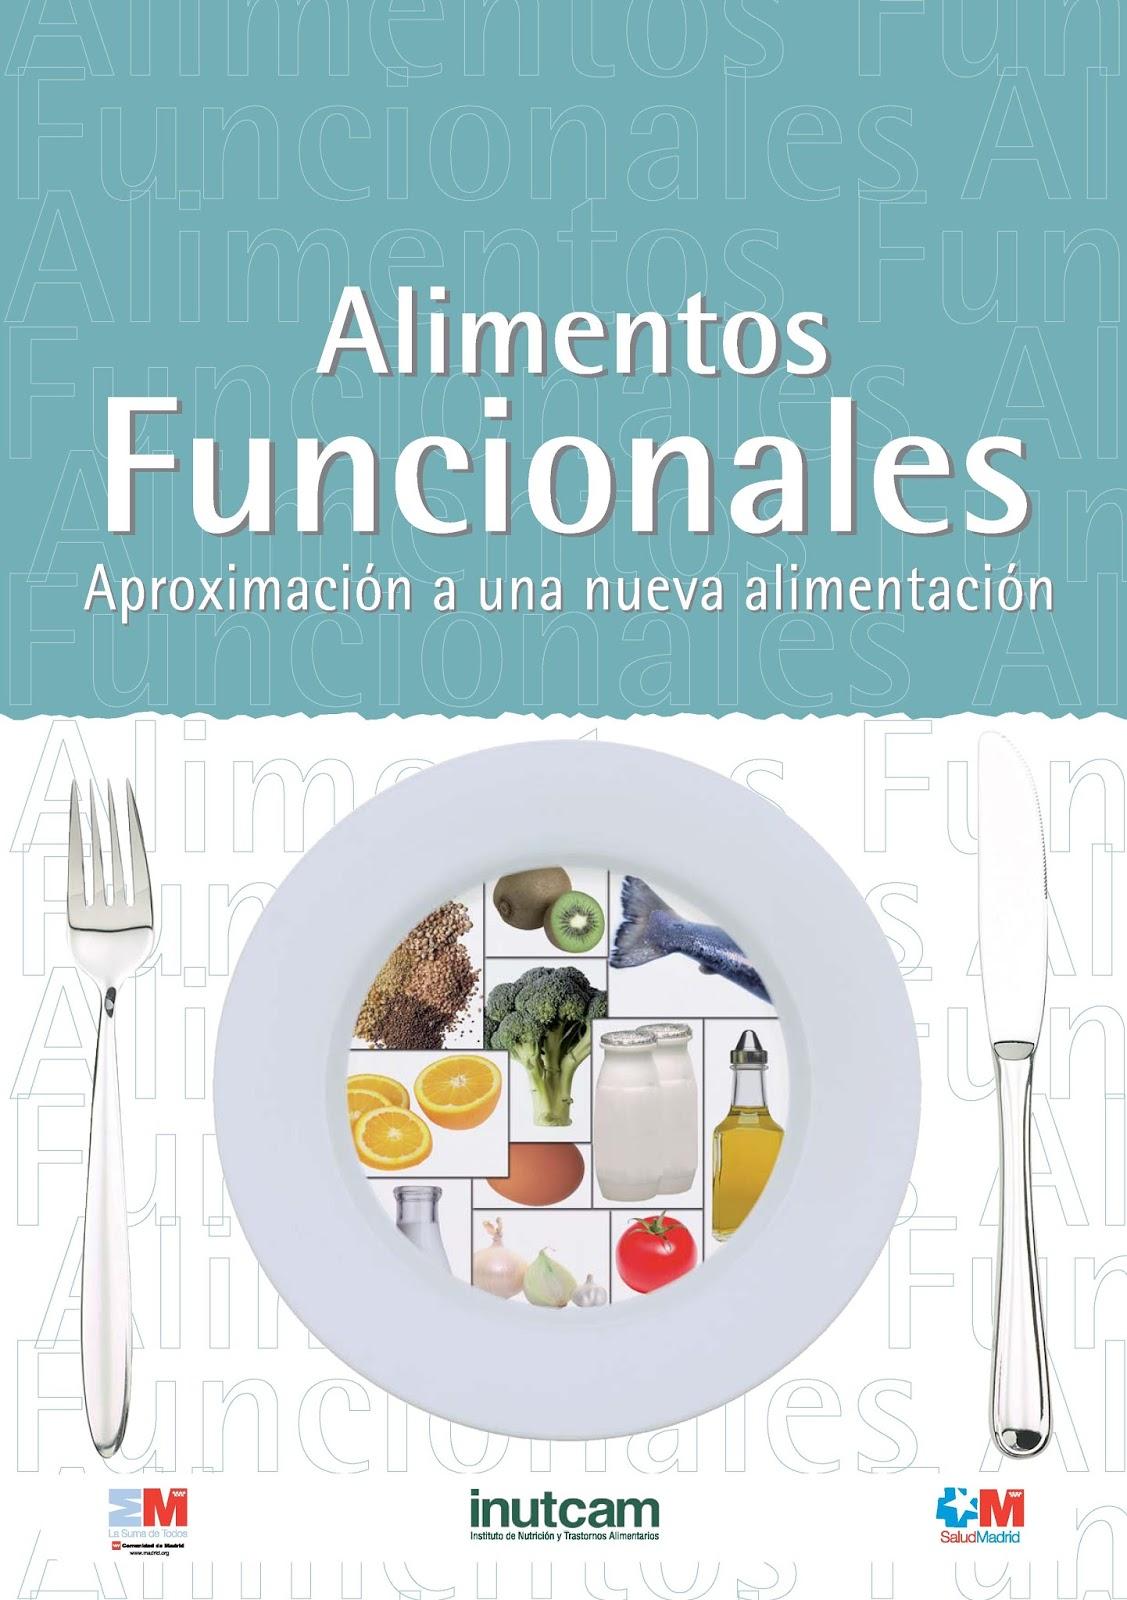 Alimentos funcionales: Aproximación a una nueva alimentación – INUTCAM